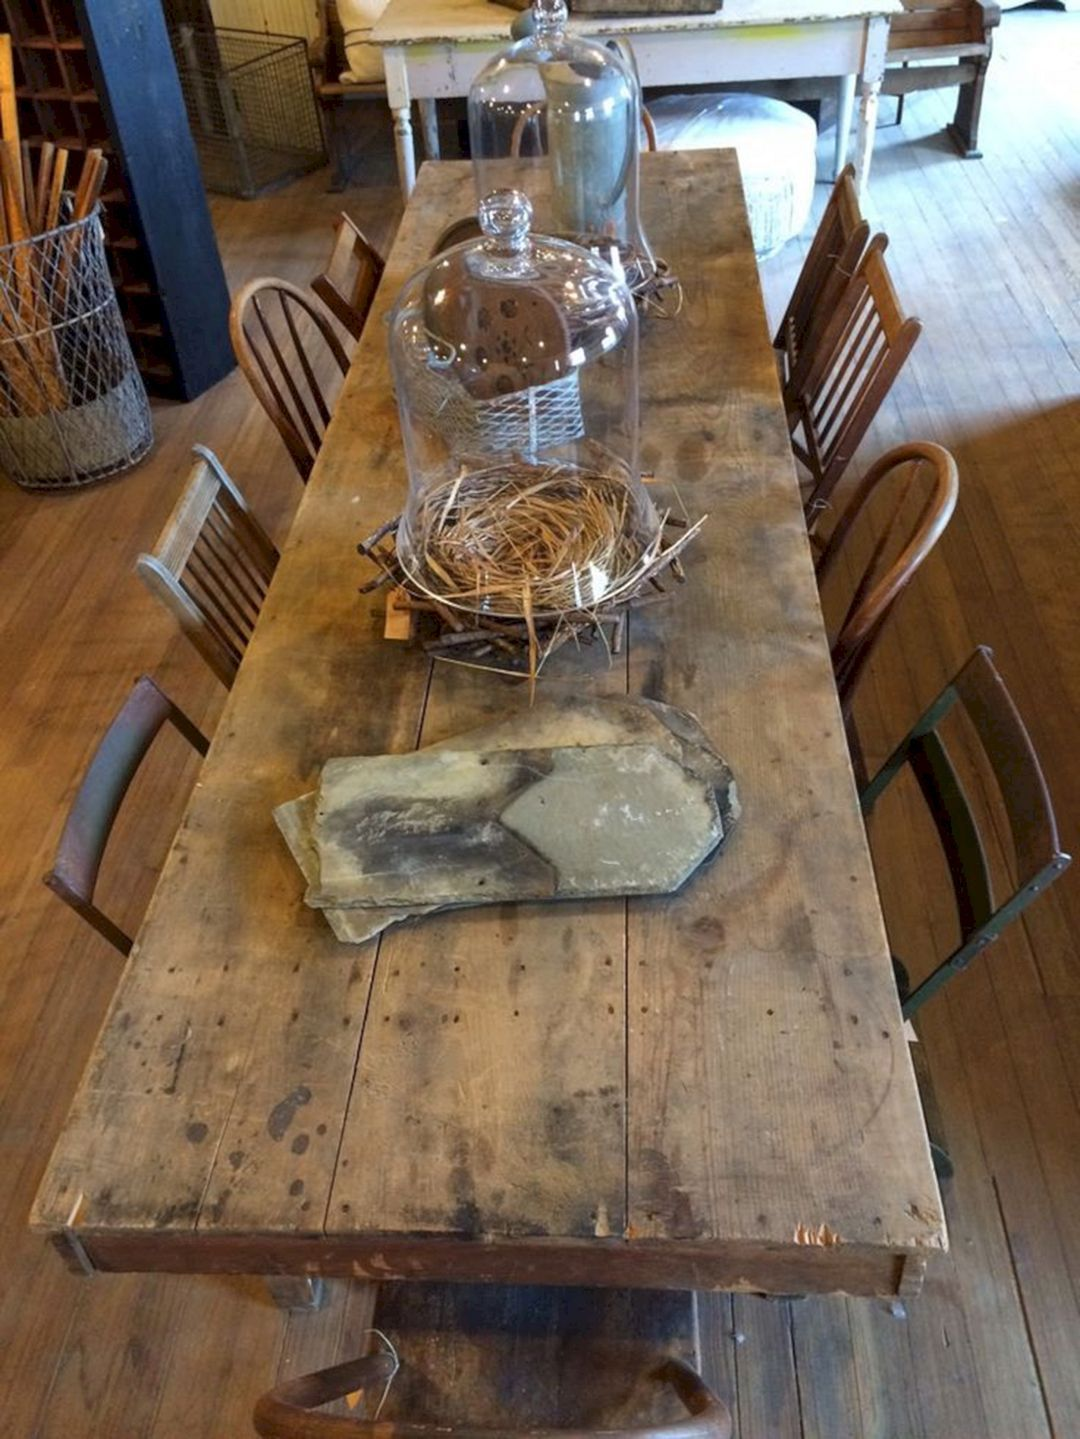 24 Farmhouse Rustic Small Kitchen Design And Decor Ideas Bauernhaus Kuchentische Kleiner Kuchentisch Und Rustikale Tische